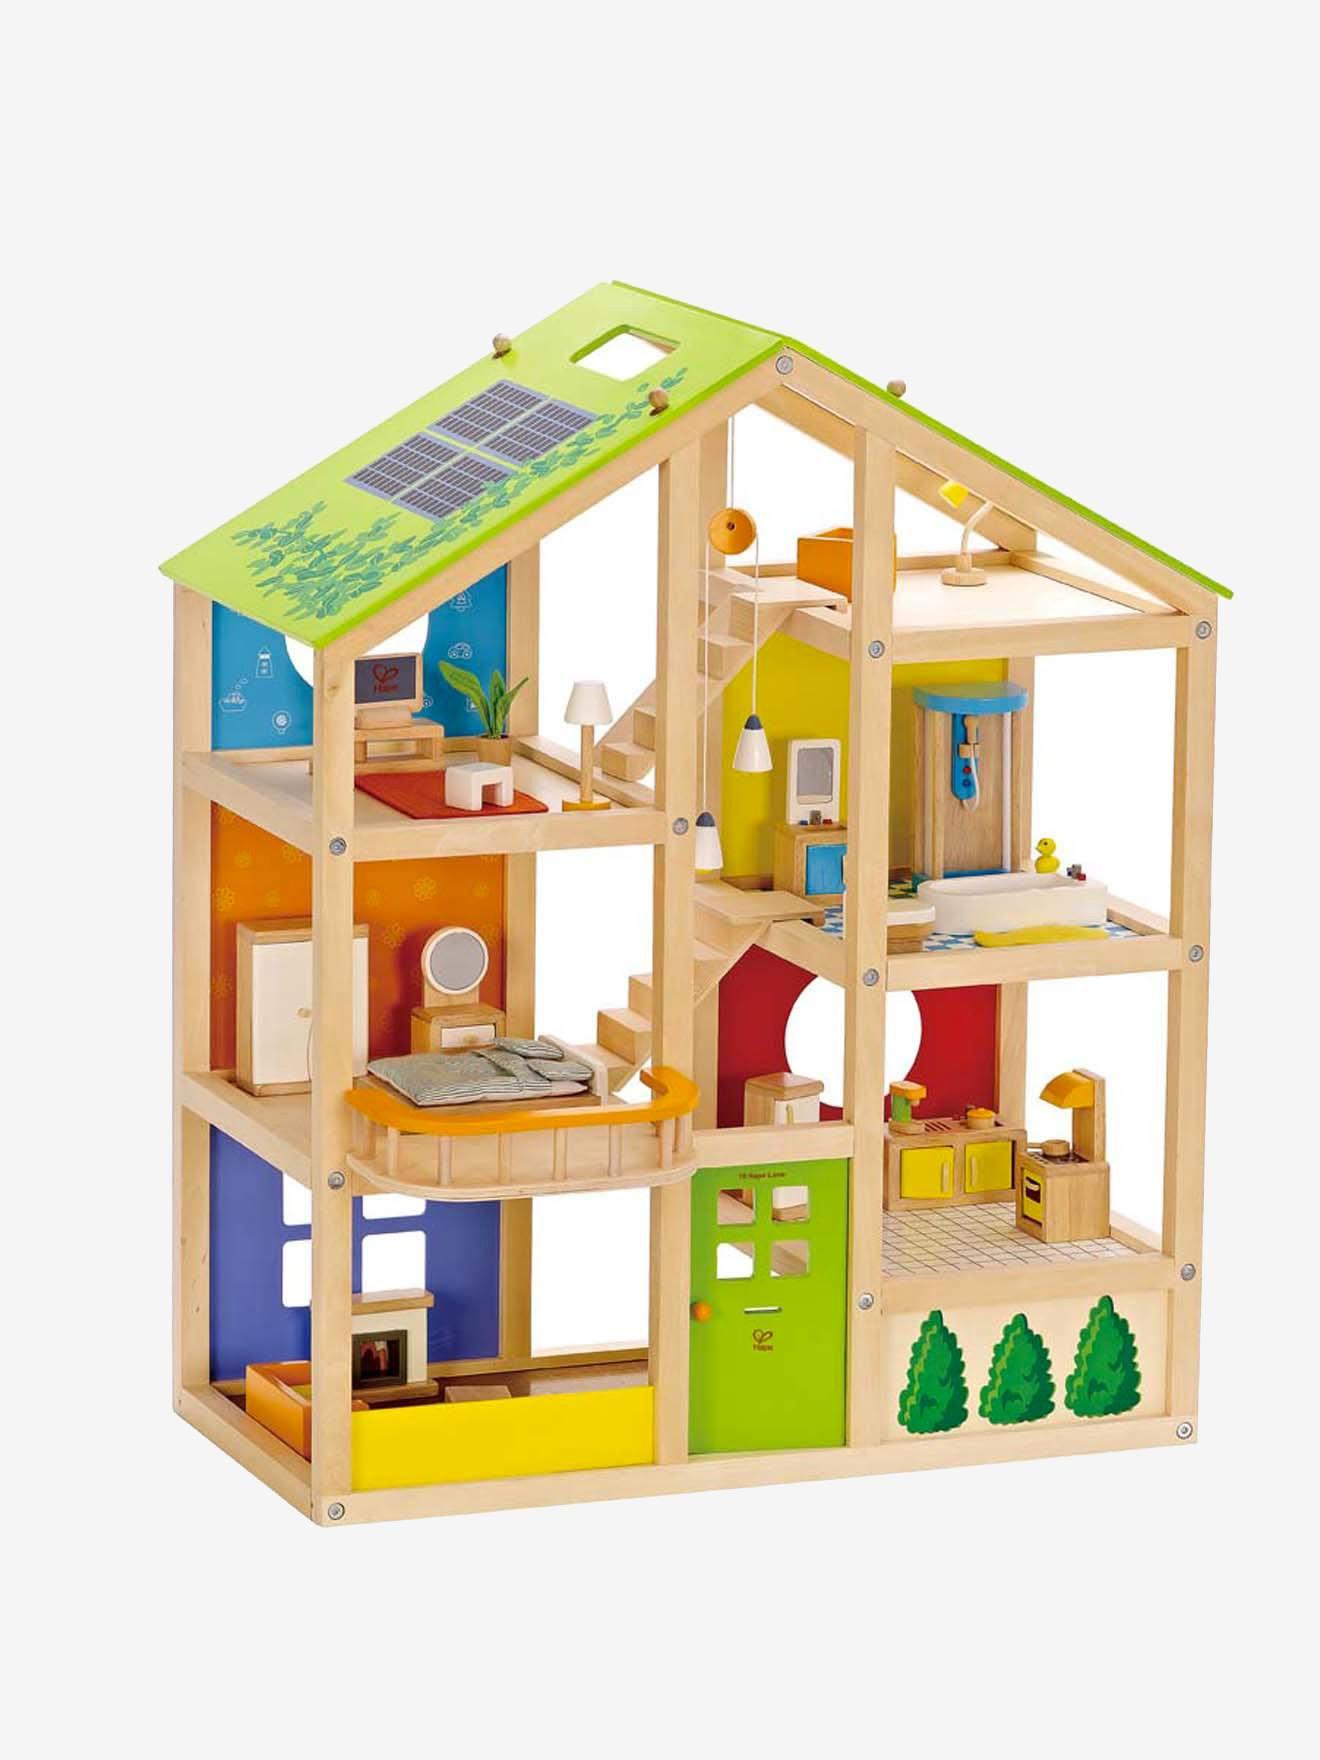 Grande maison de poupée en bois avec meubles et poupées Famille-Disponible immédiatement